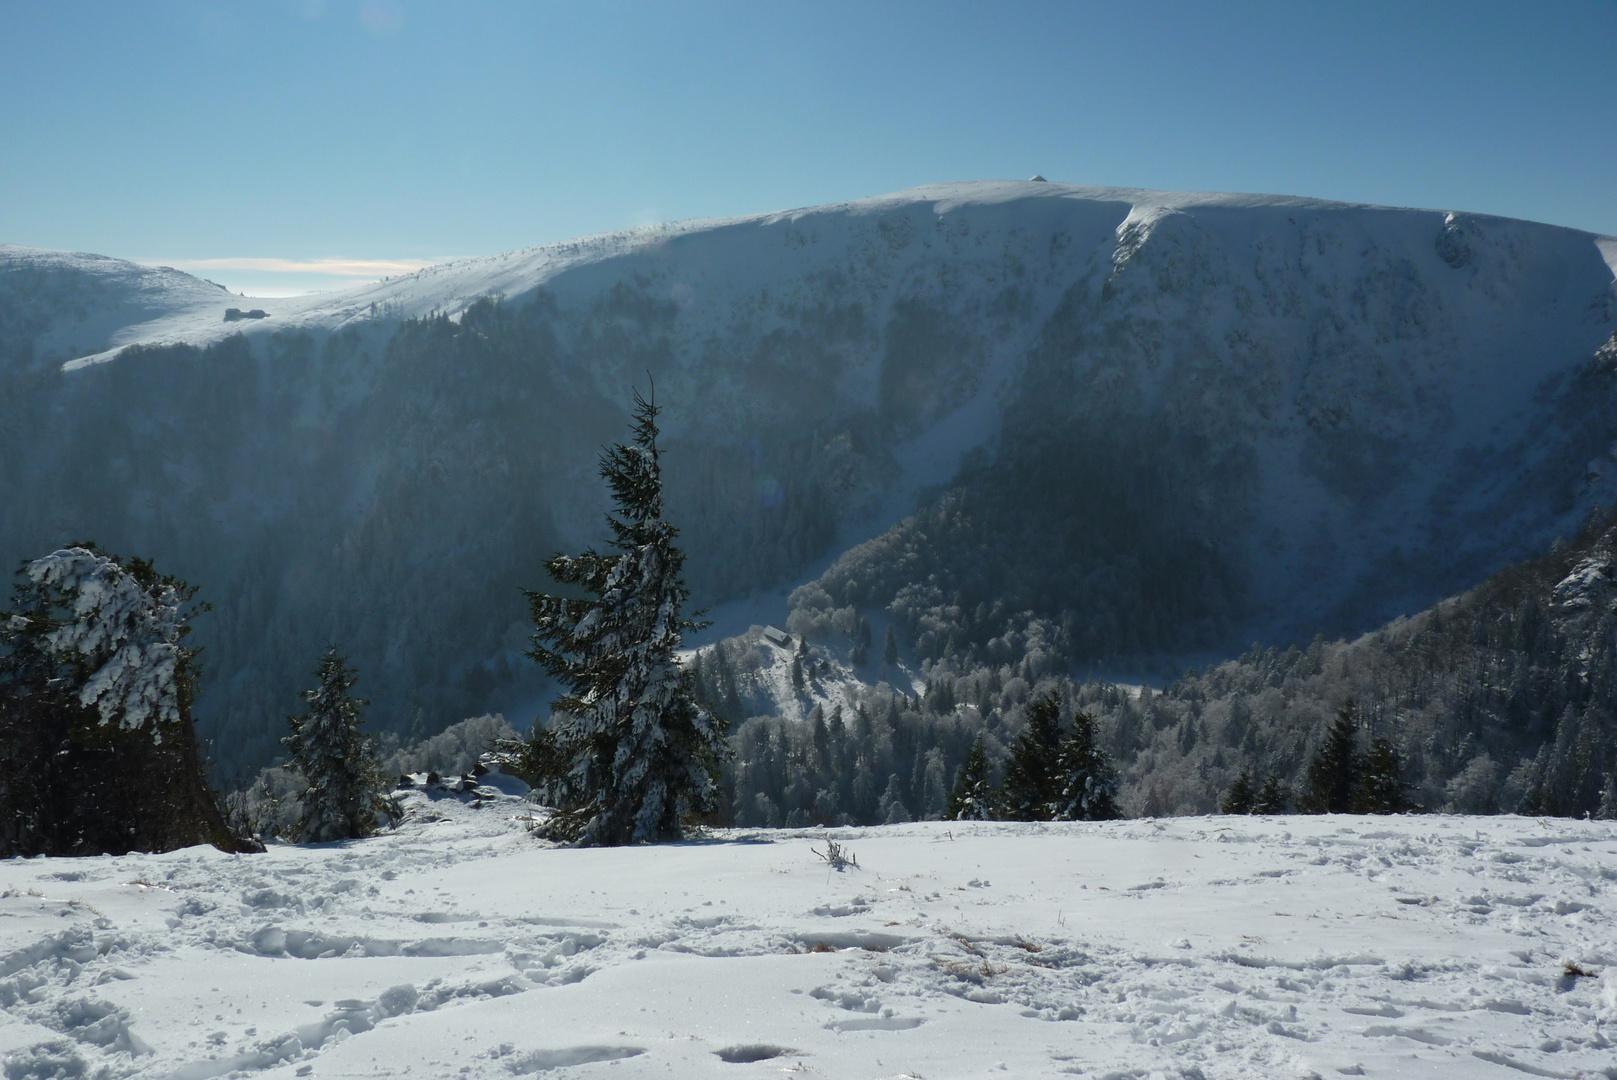 Le cirque glaciaire de Frankental - Missheimle